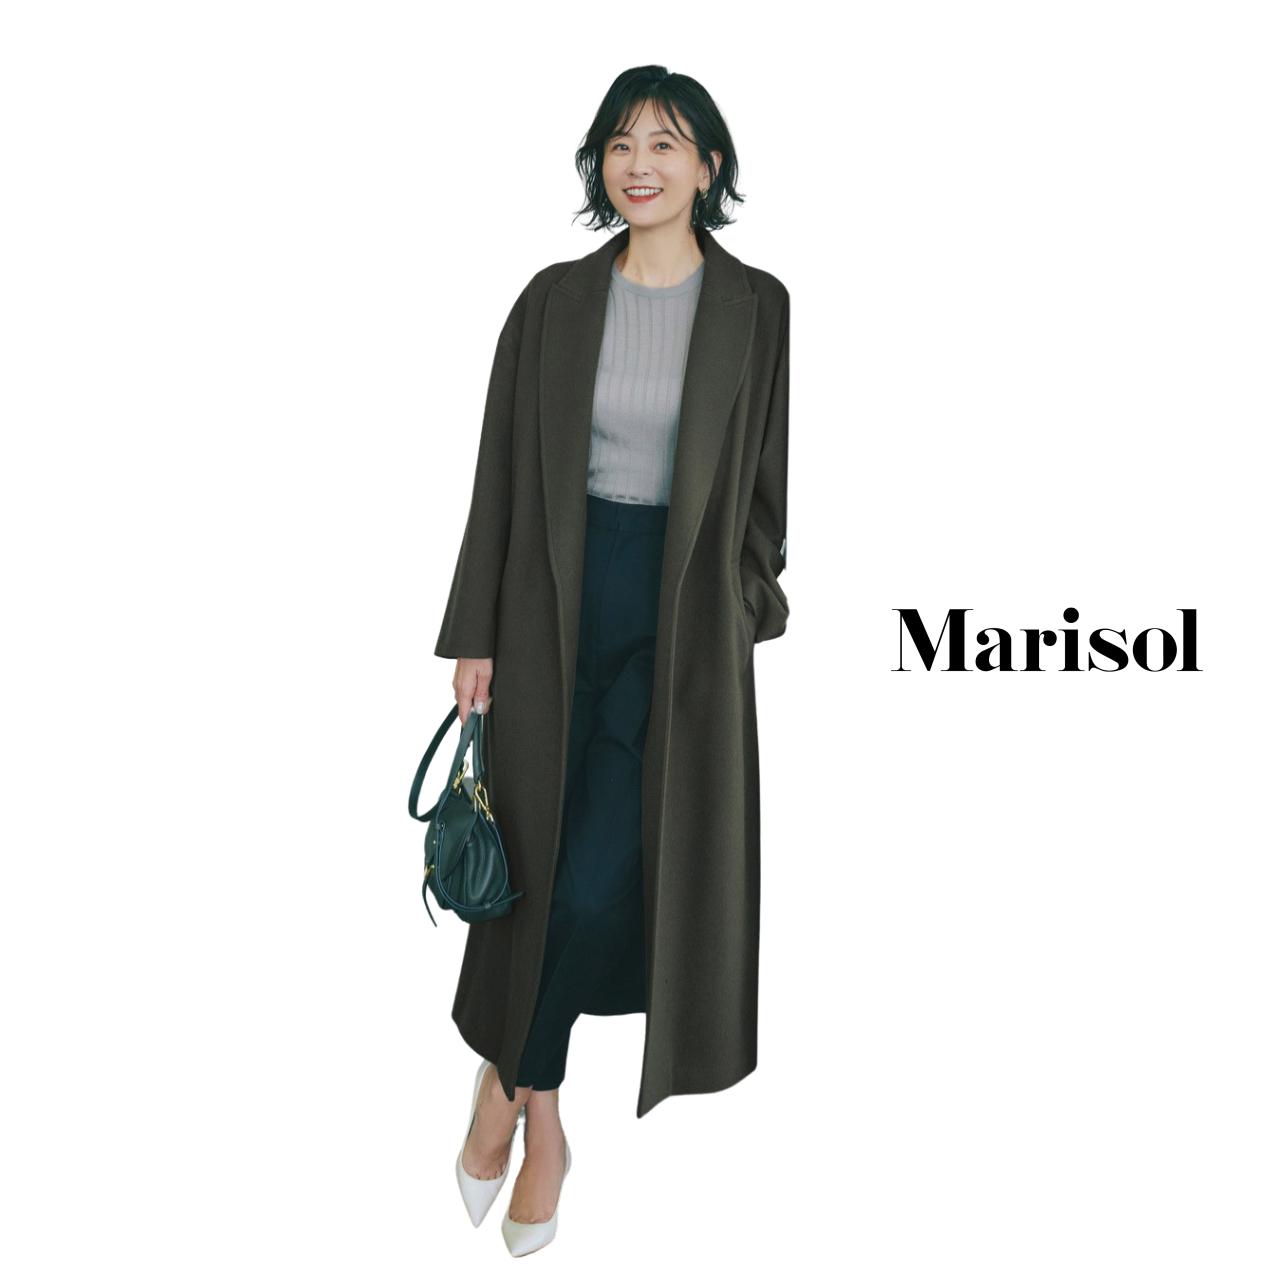 40代ファッション ロングコート×ニット×パンツコーデ